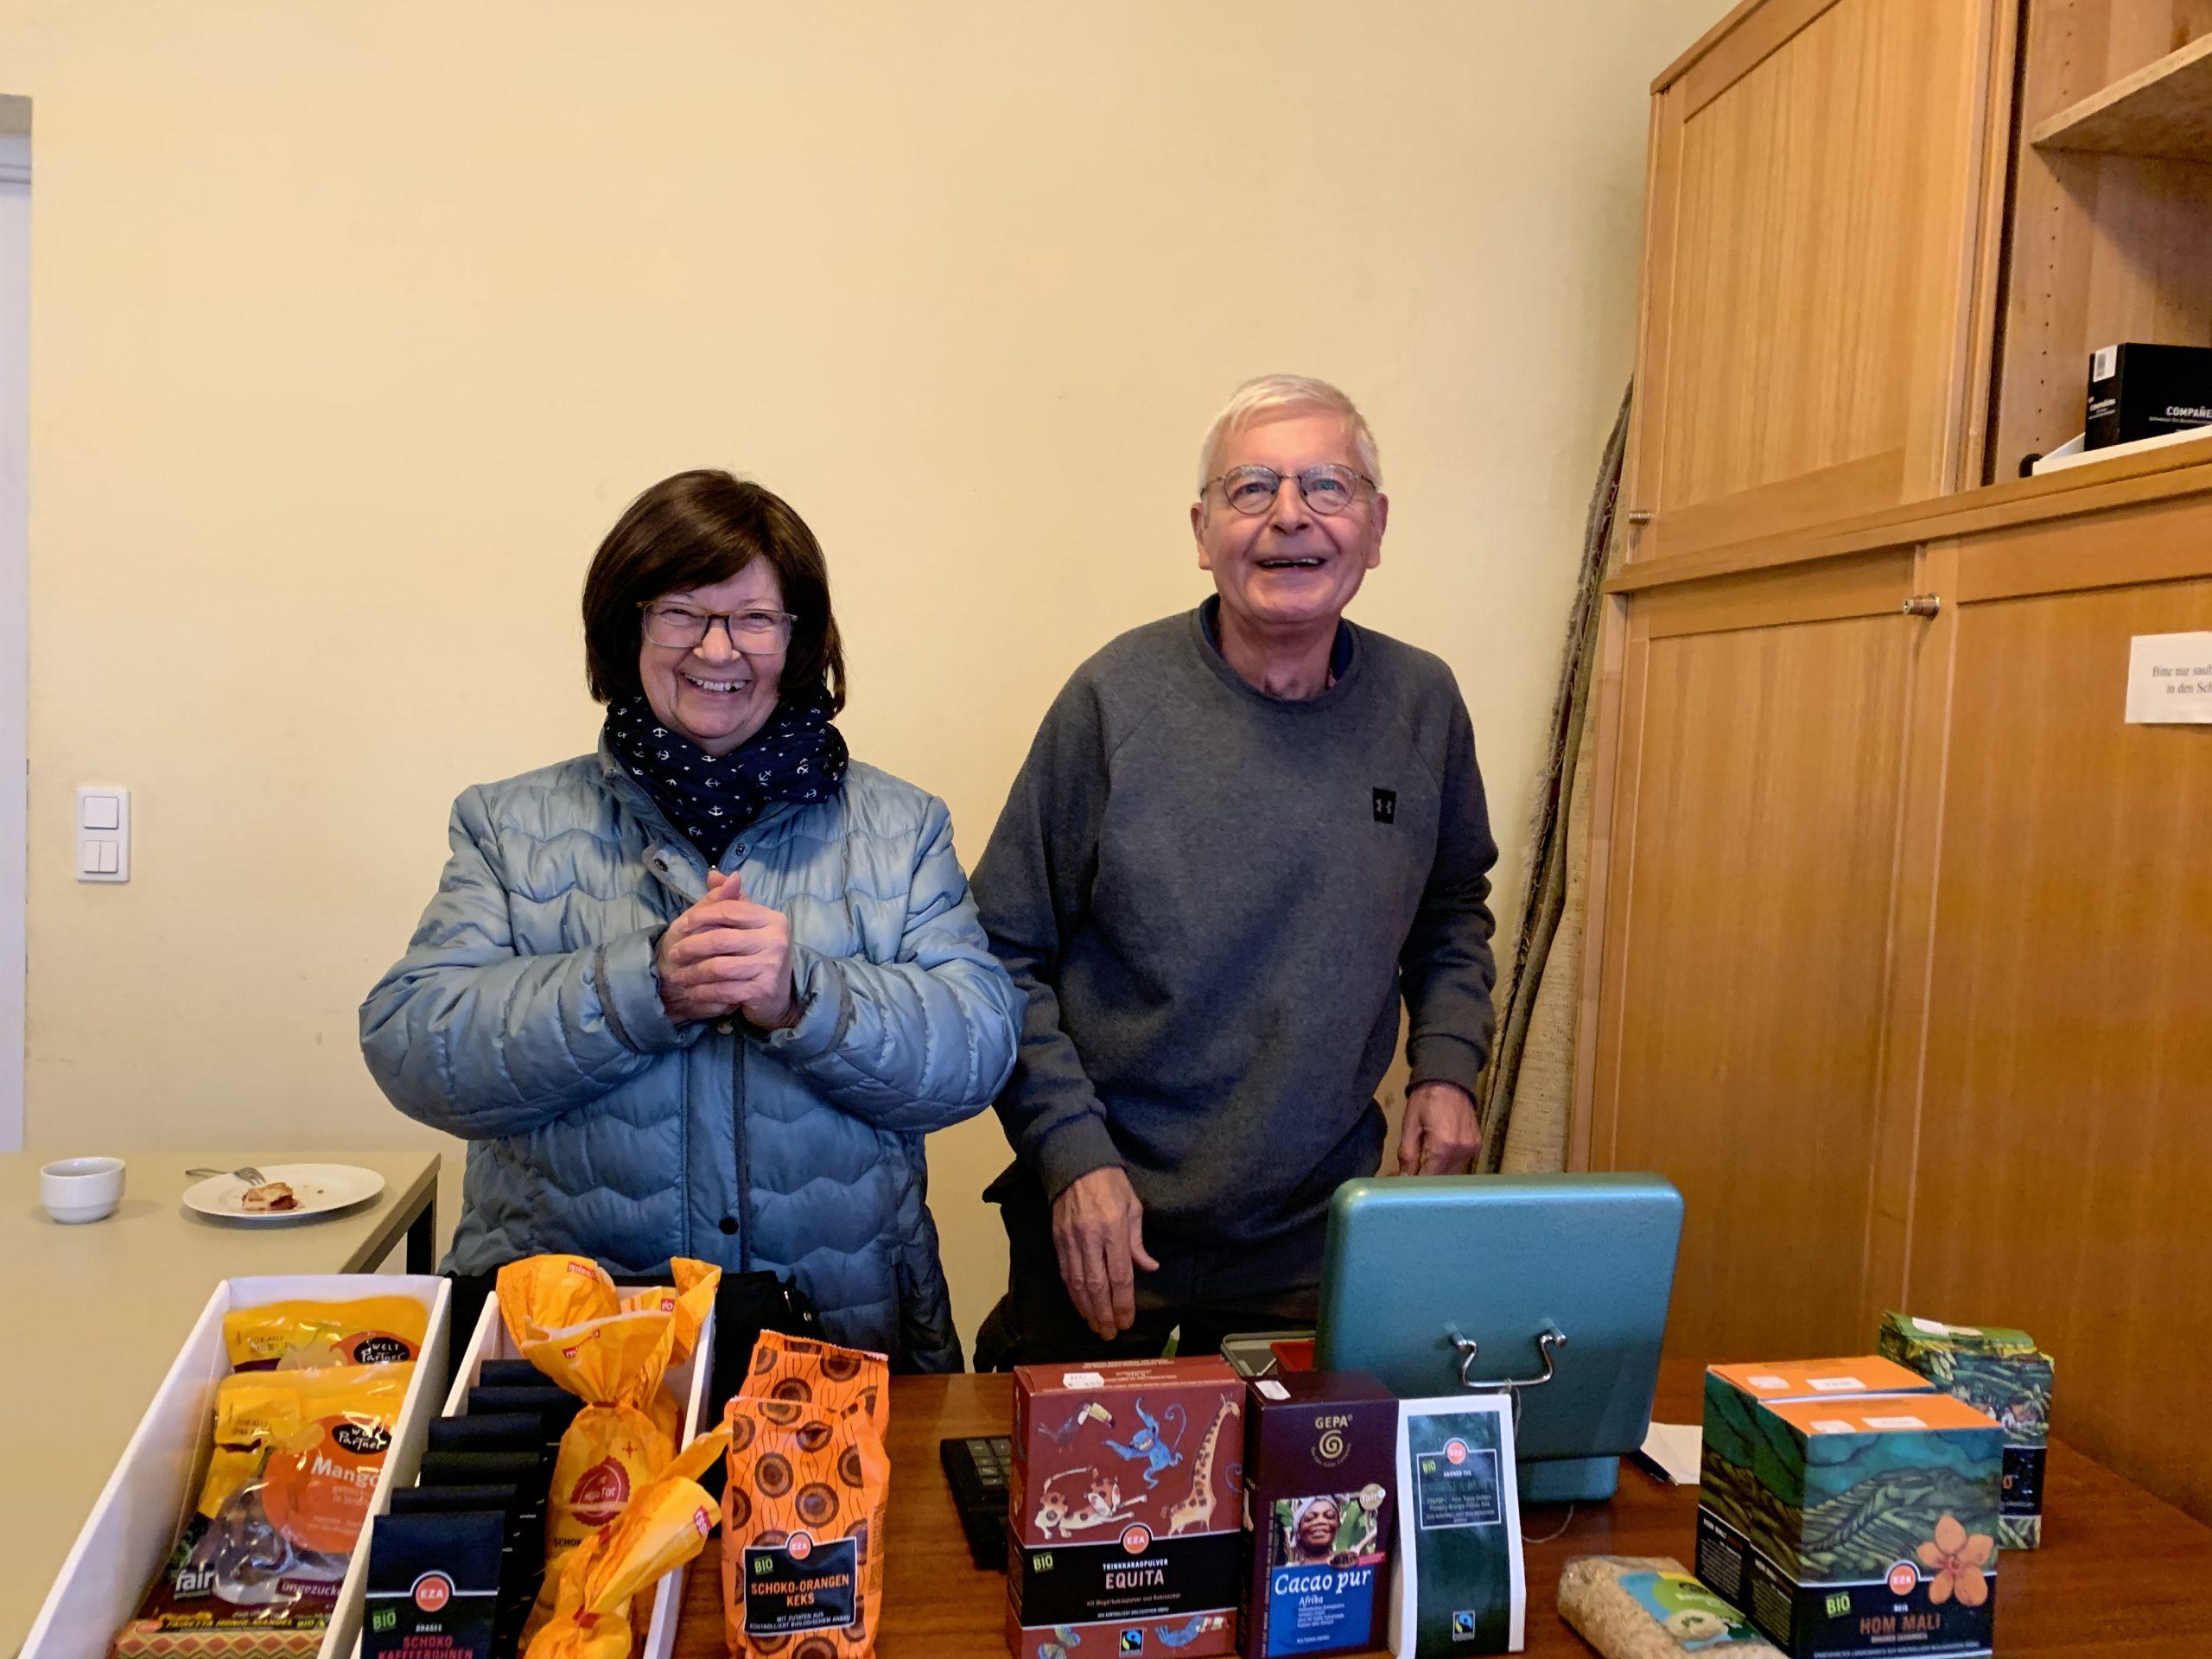 Dank dem Ehepaar Deschermaier für jahrelange Betreuung des EZA-Marktes in der Pfarre Liesing!